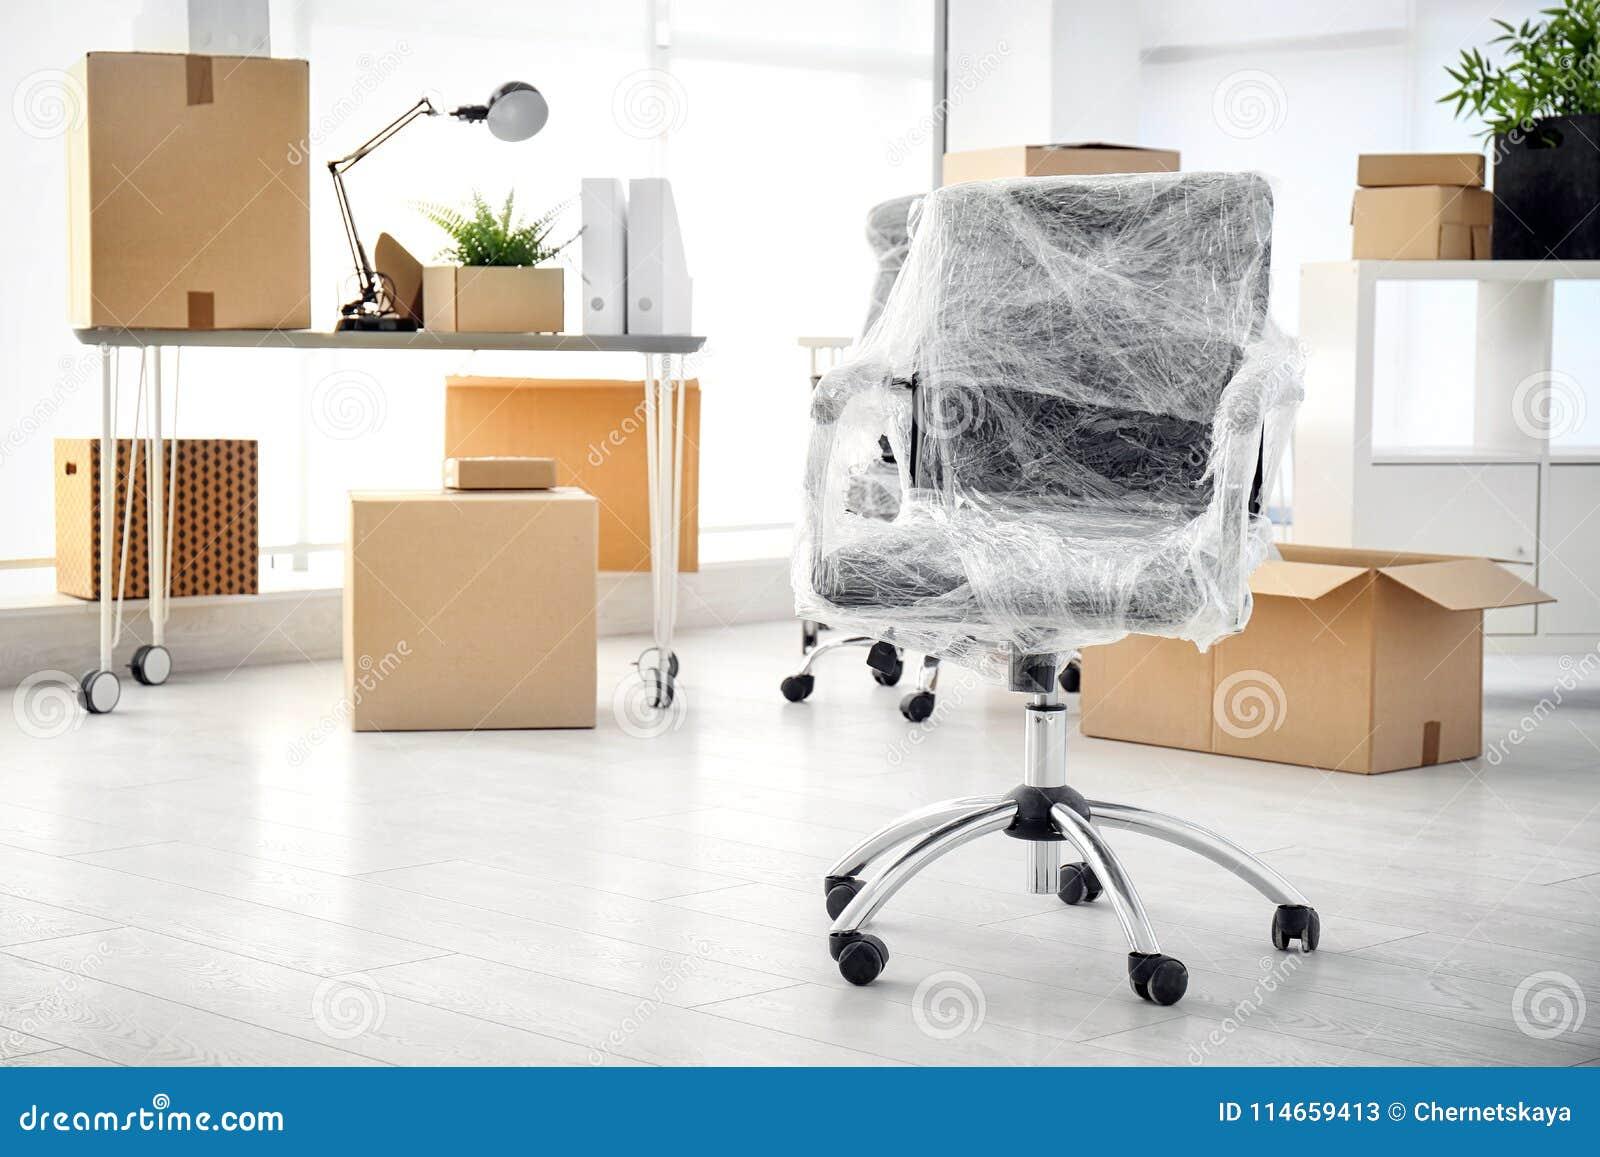 Cajas y muebles móviles